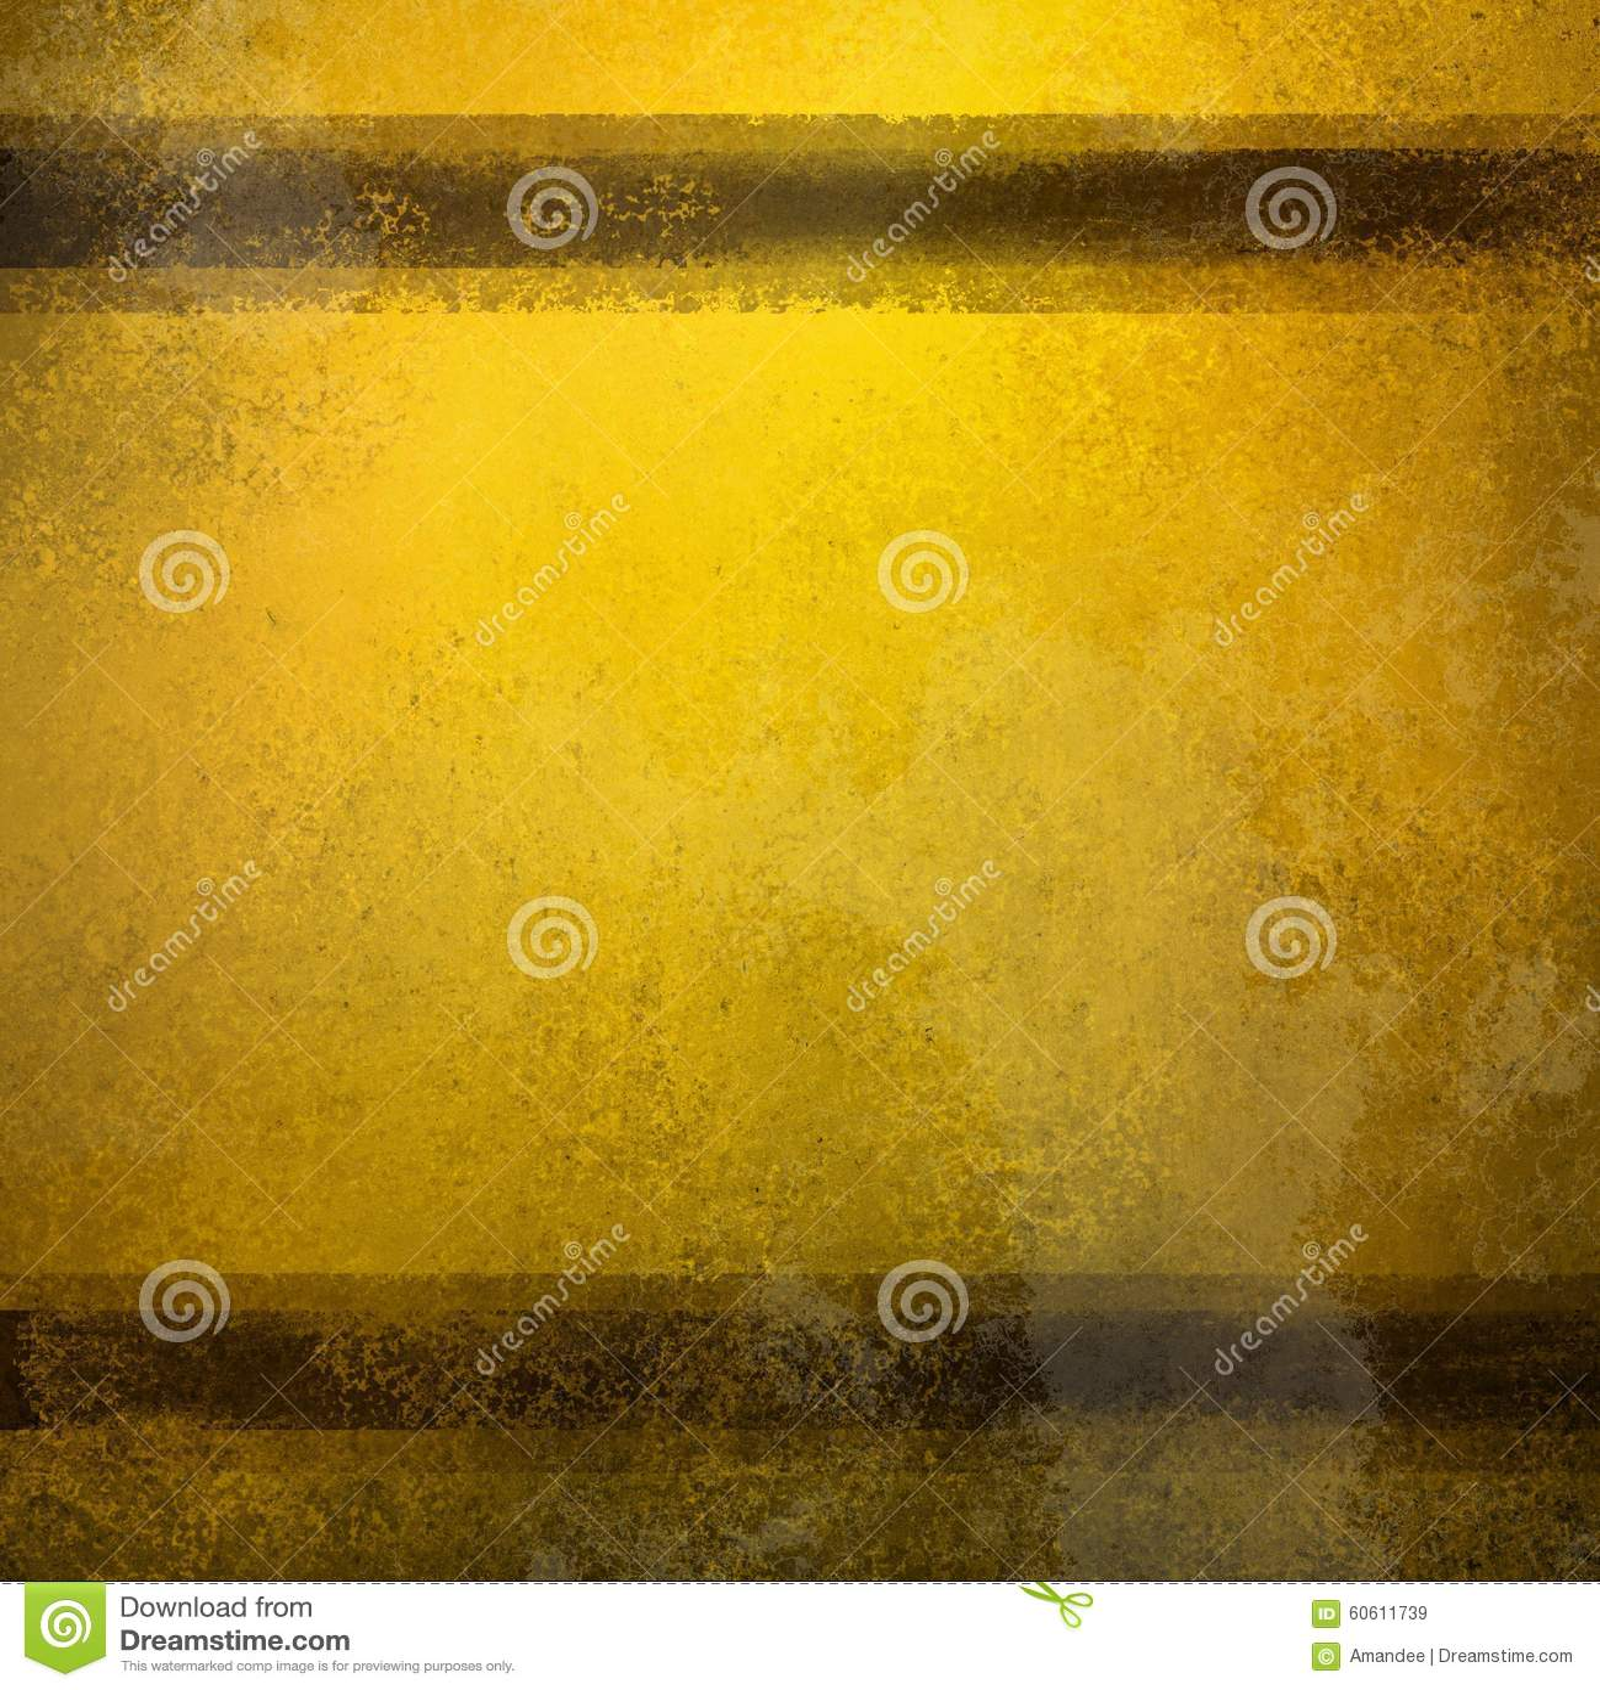 Uitstekende gouden achtergrond met bruine strepen en verontruste oude langzaam verdwenen textuur en vlekken